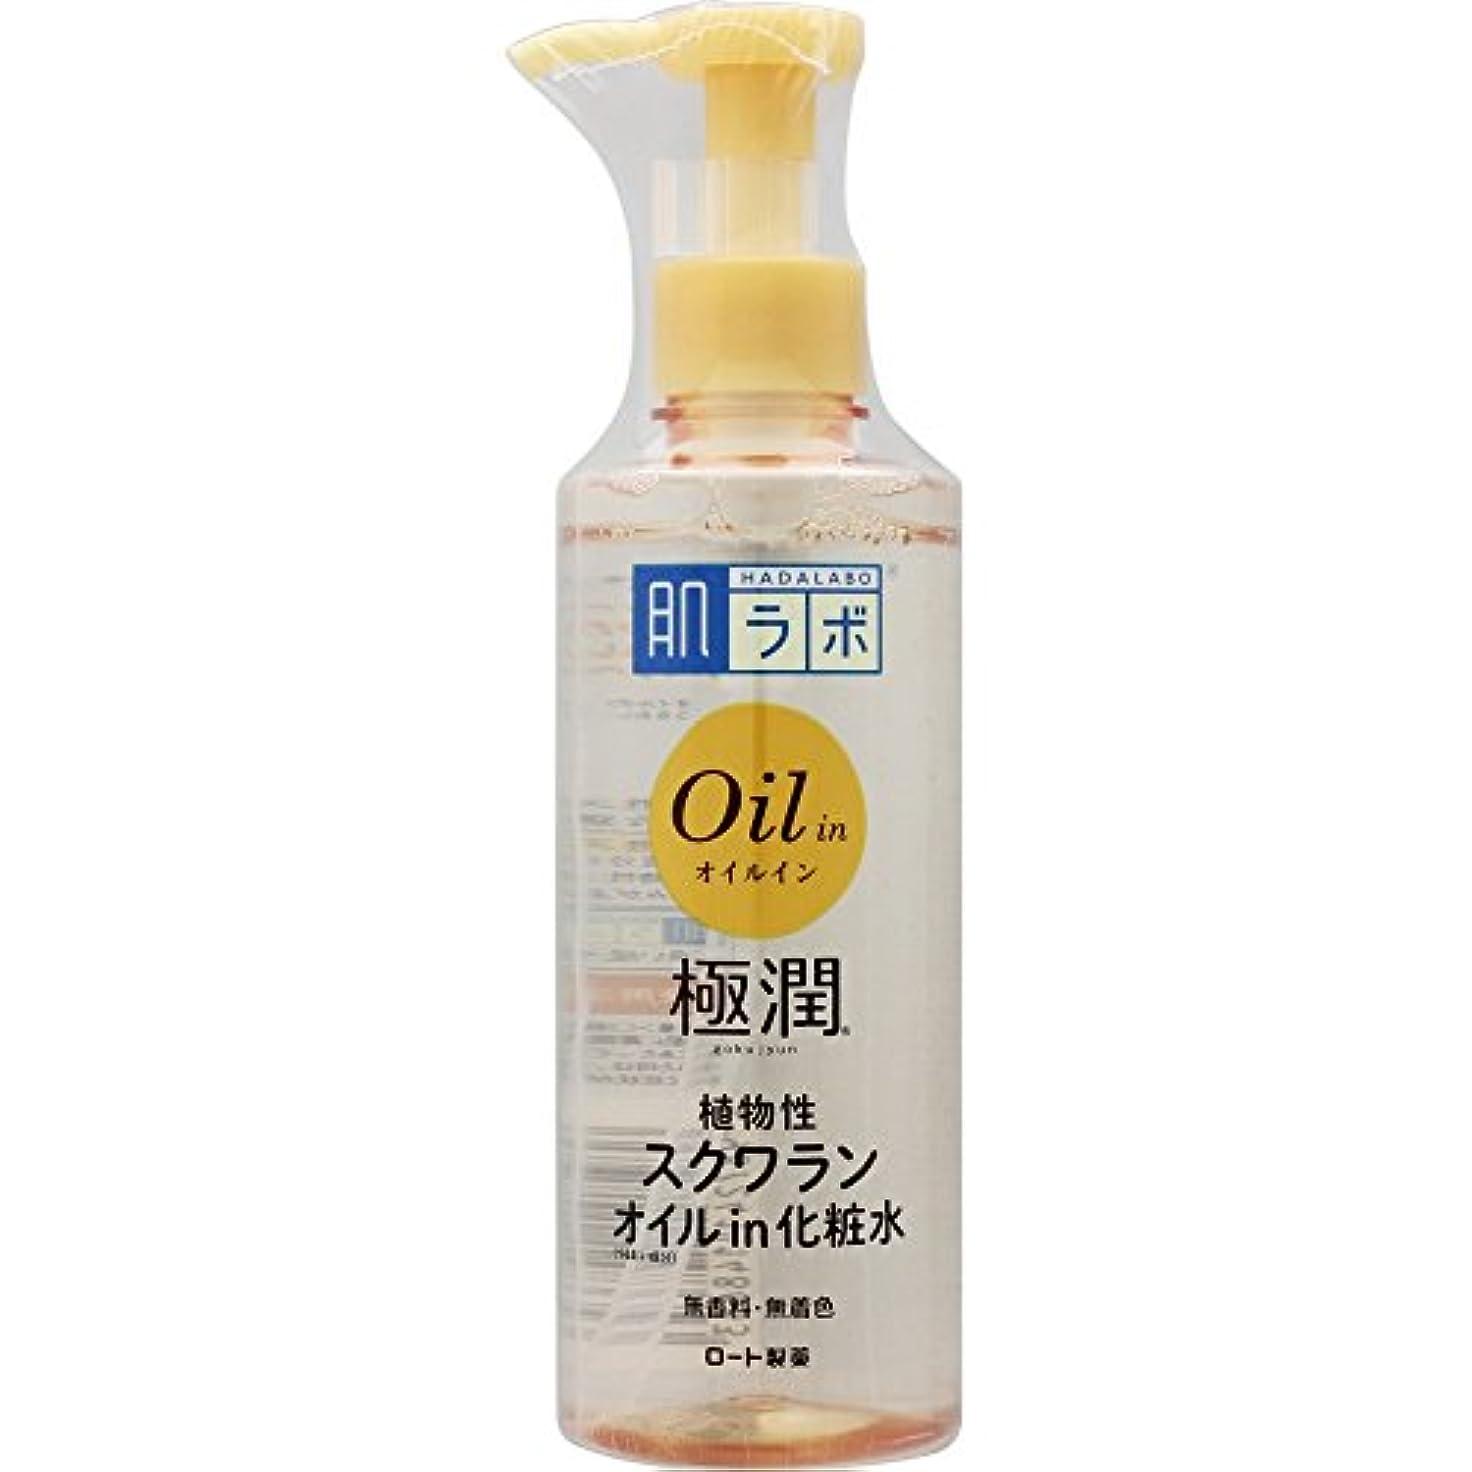 偏差津波口述する肌ラボ 極潤オイルイン化粧水 植物性スクワランオイル配合 220ml